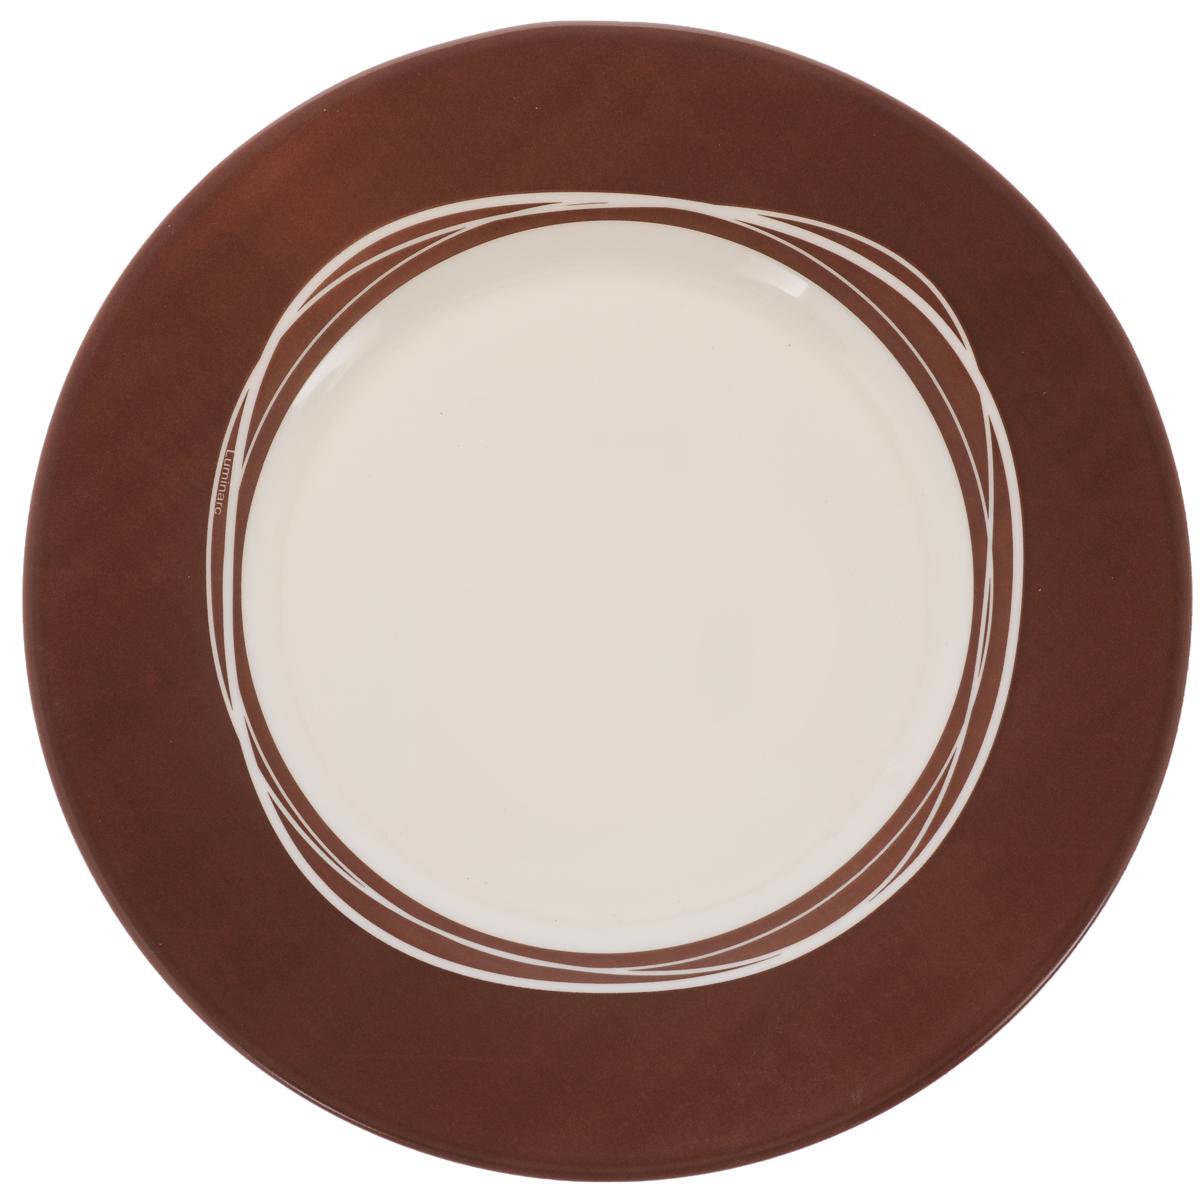 Тарелка десертная Luminarc Raffia Broun, диаметр 21 смJ2347Десертная тарелка Luminarc Raffia Broun, изготовленная из ударопрочного стекла, имеет изысканный внешний вид. Такая тарелка прекрасно подходит как для торжественных случаев, так и для повседневного использования. Идеальна для подачи десертов, пирожных, тортов и многого другого. Она прекрасно оформит стол и станет отличным дополнением к вашей коллекции кухонной посуды. Диаметр тарелки (по верхнему краю): 21 см.